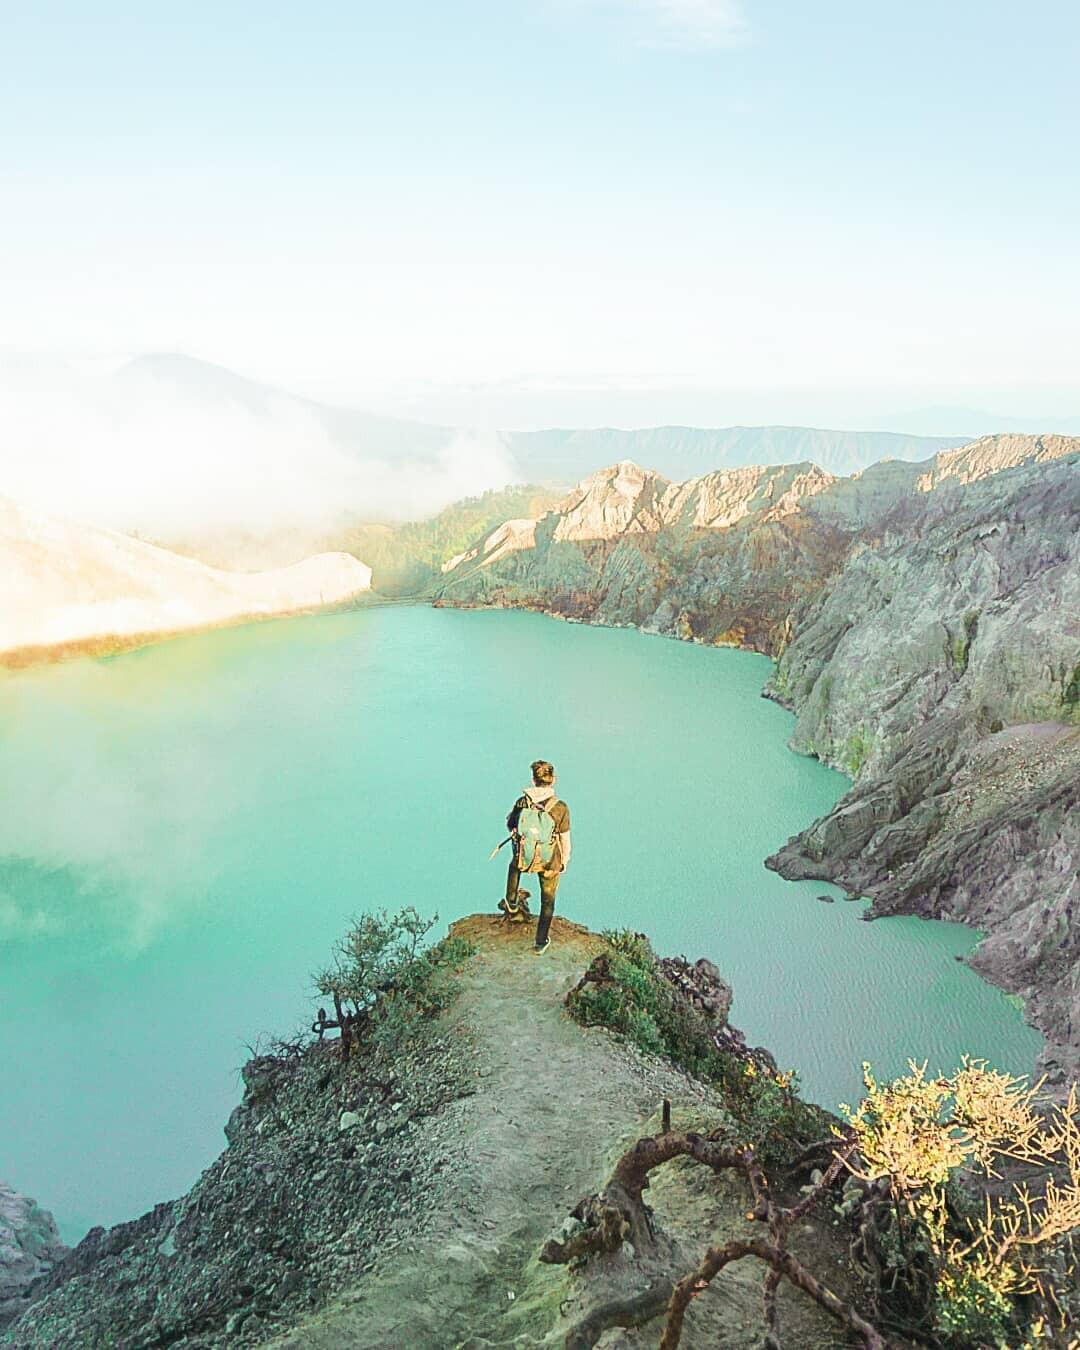 Đã mắt với hành trình chinh phục miệng núi lửa nổi tiếng nhất Indonesia của blogger du lịch đến từ Sài Gòn - Ảnh 10.